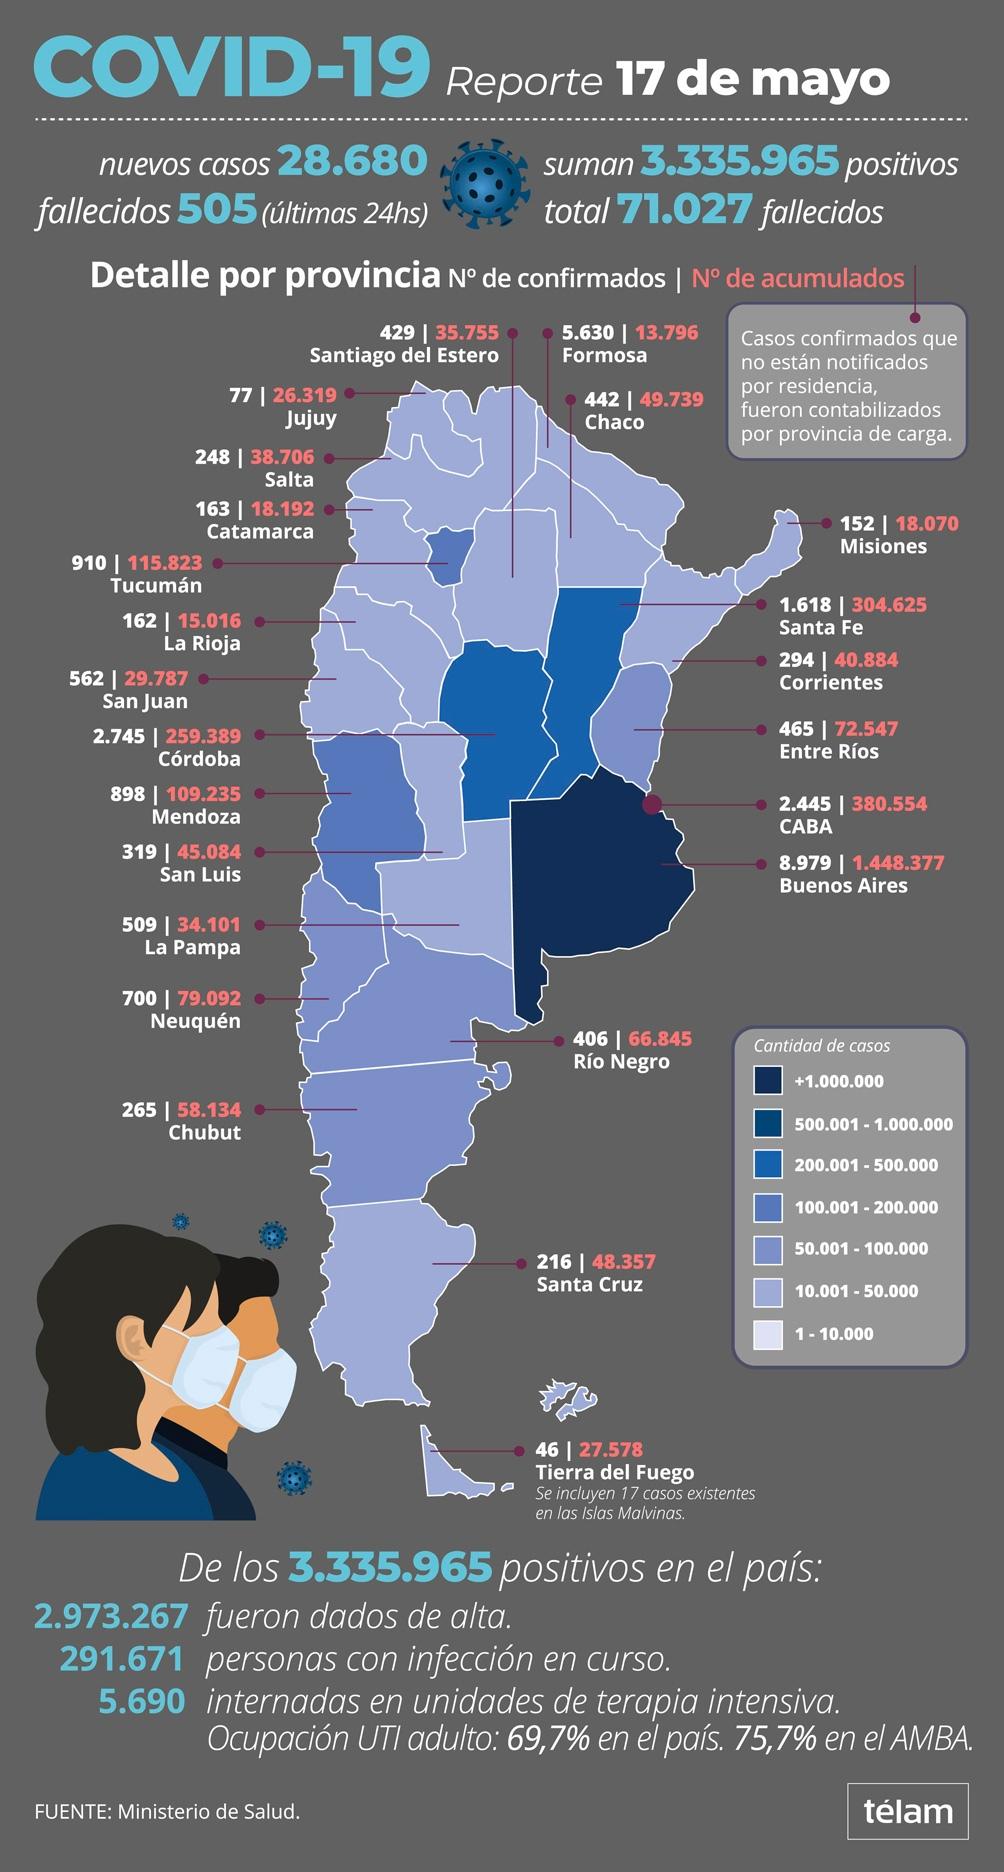 De los 3.335.965 contagiados, el 89,12% (2.973.267) recibió el alta.